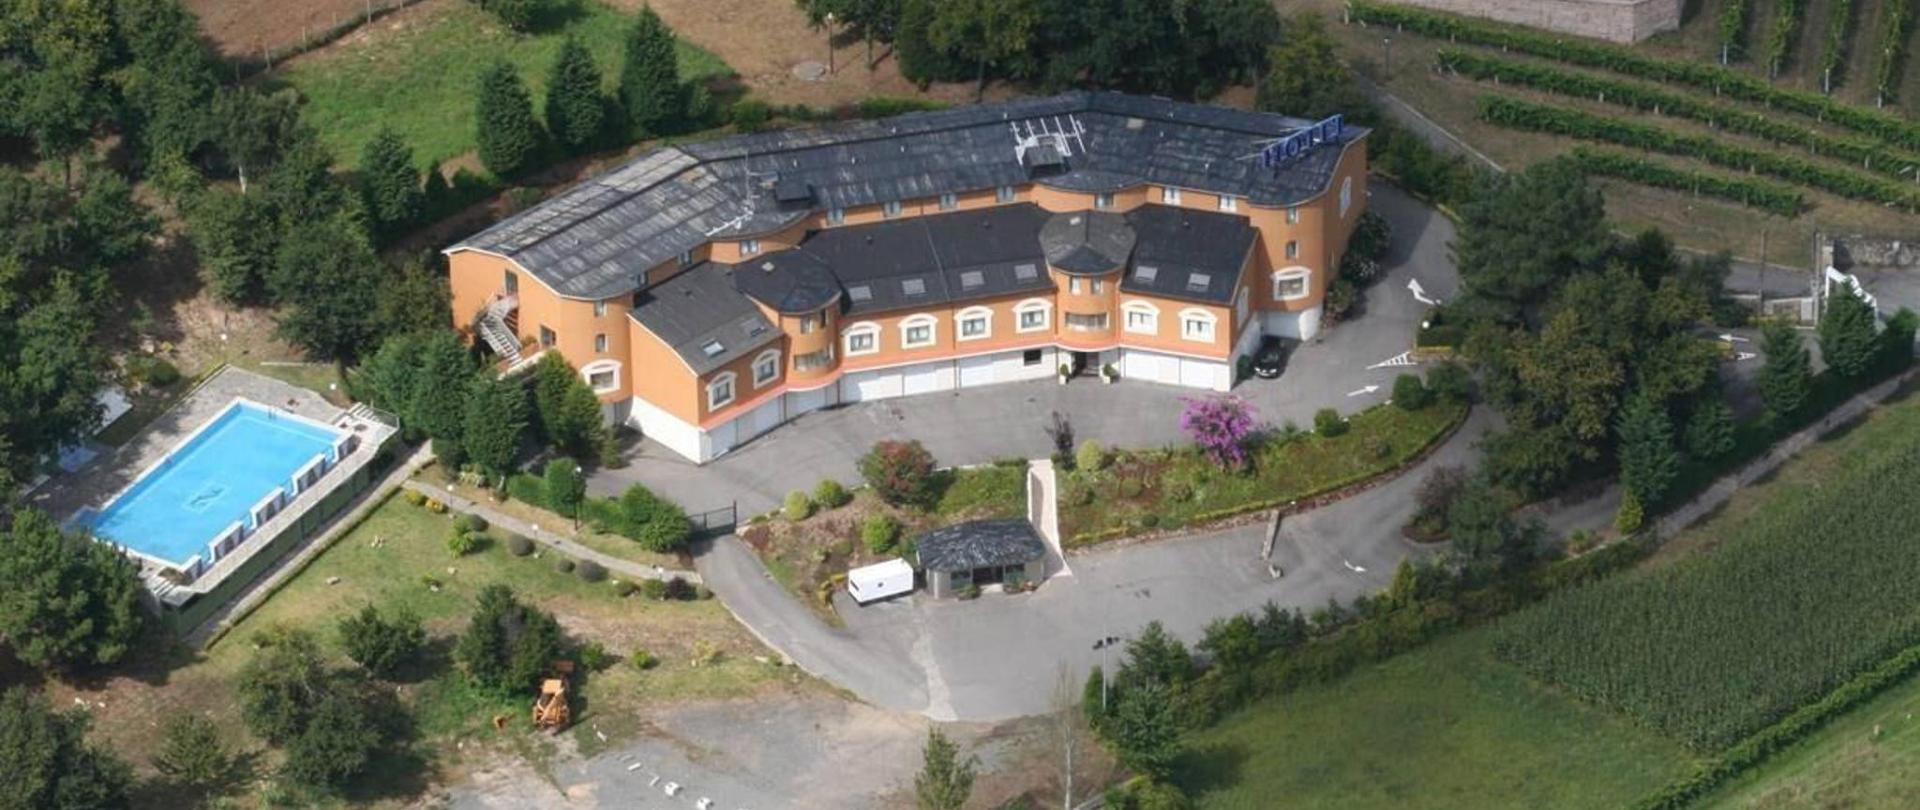 hotel-vialmar-meis-edificio desde el cielo.jpg